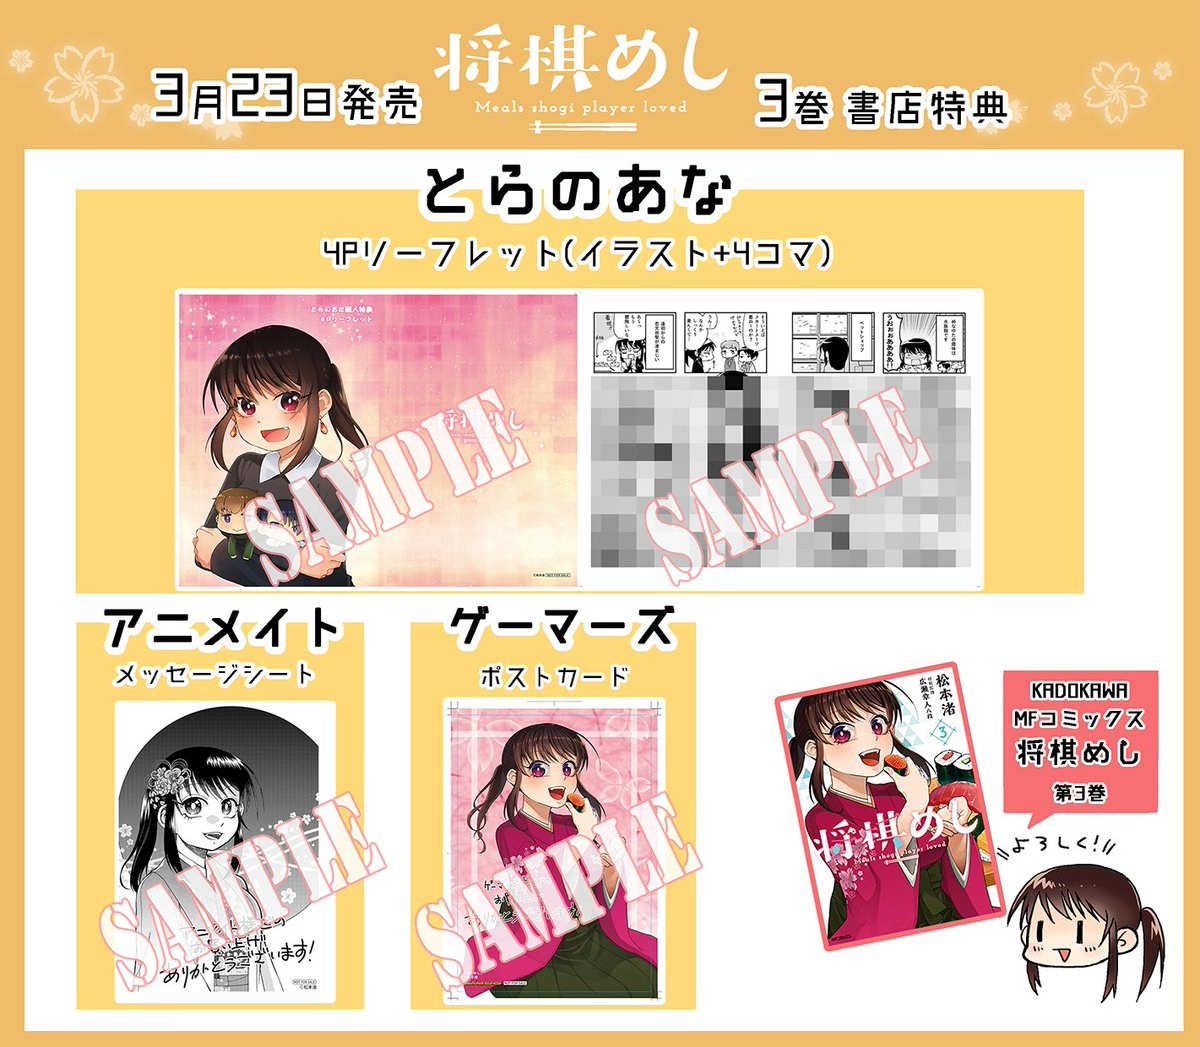 3月23日発売の「将棋めし」3巻ですが、今回も書店特典があります。よろしくおねがいします~~